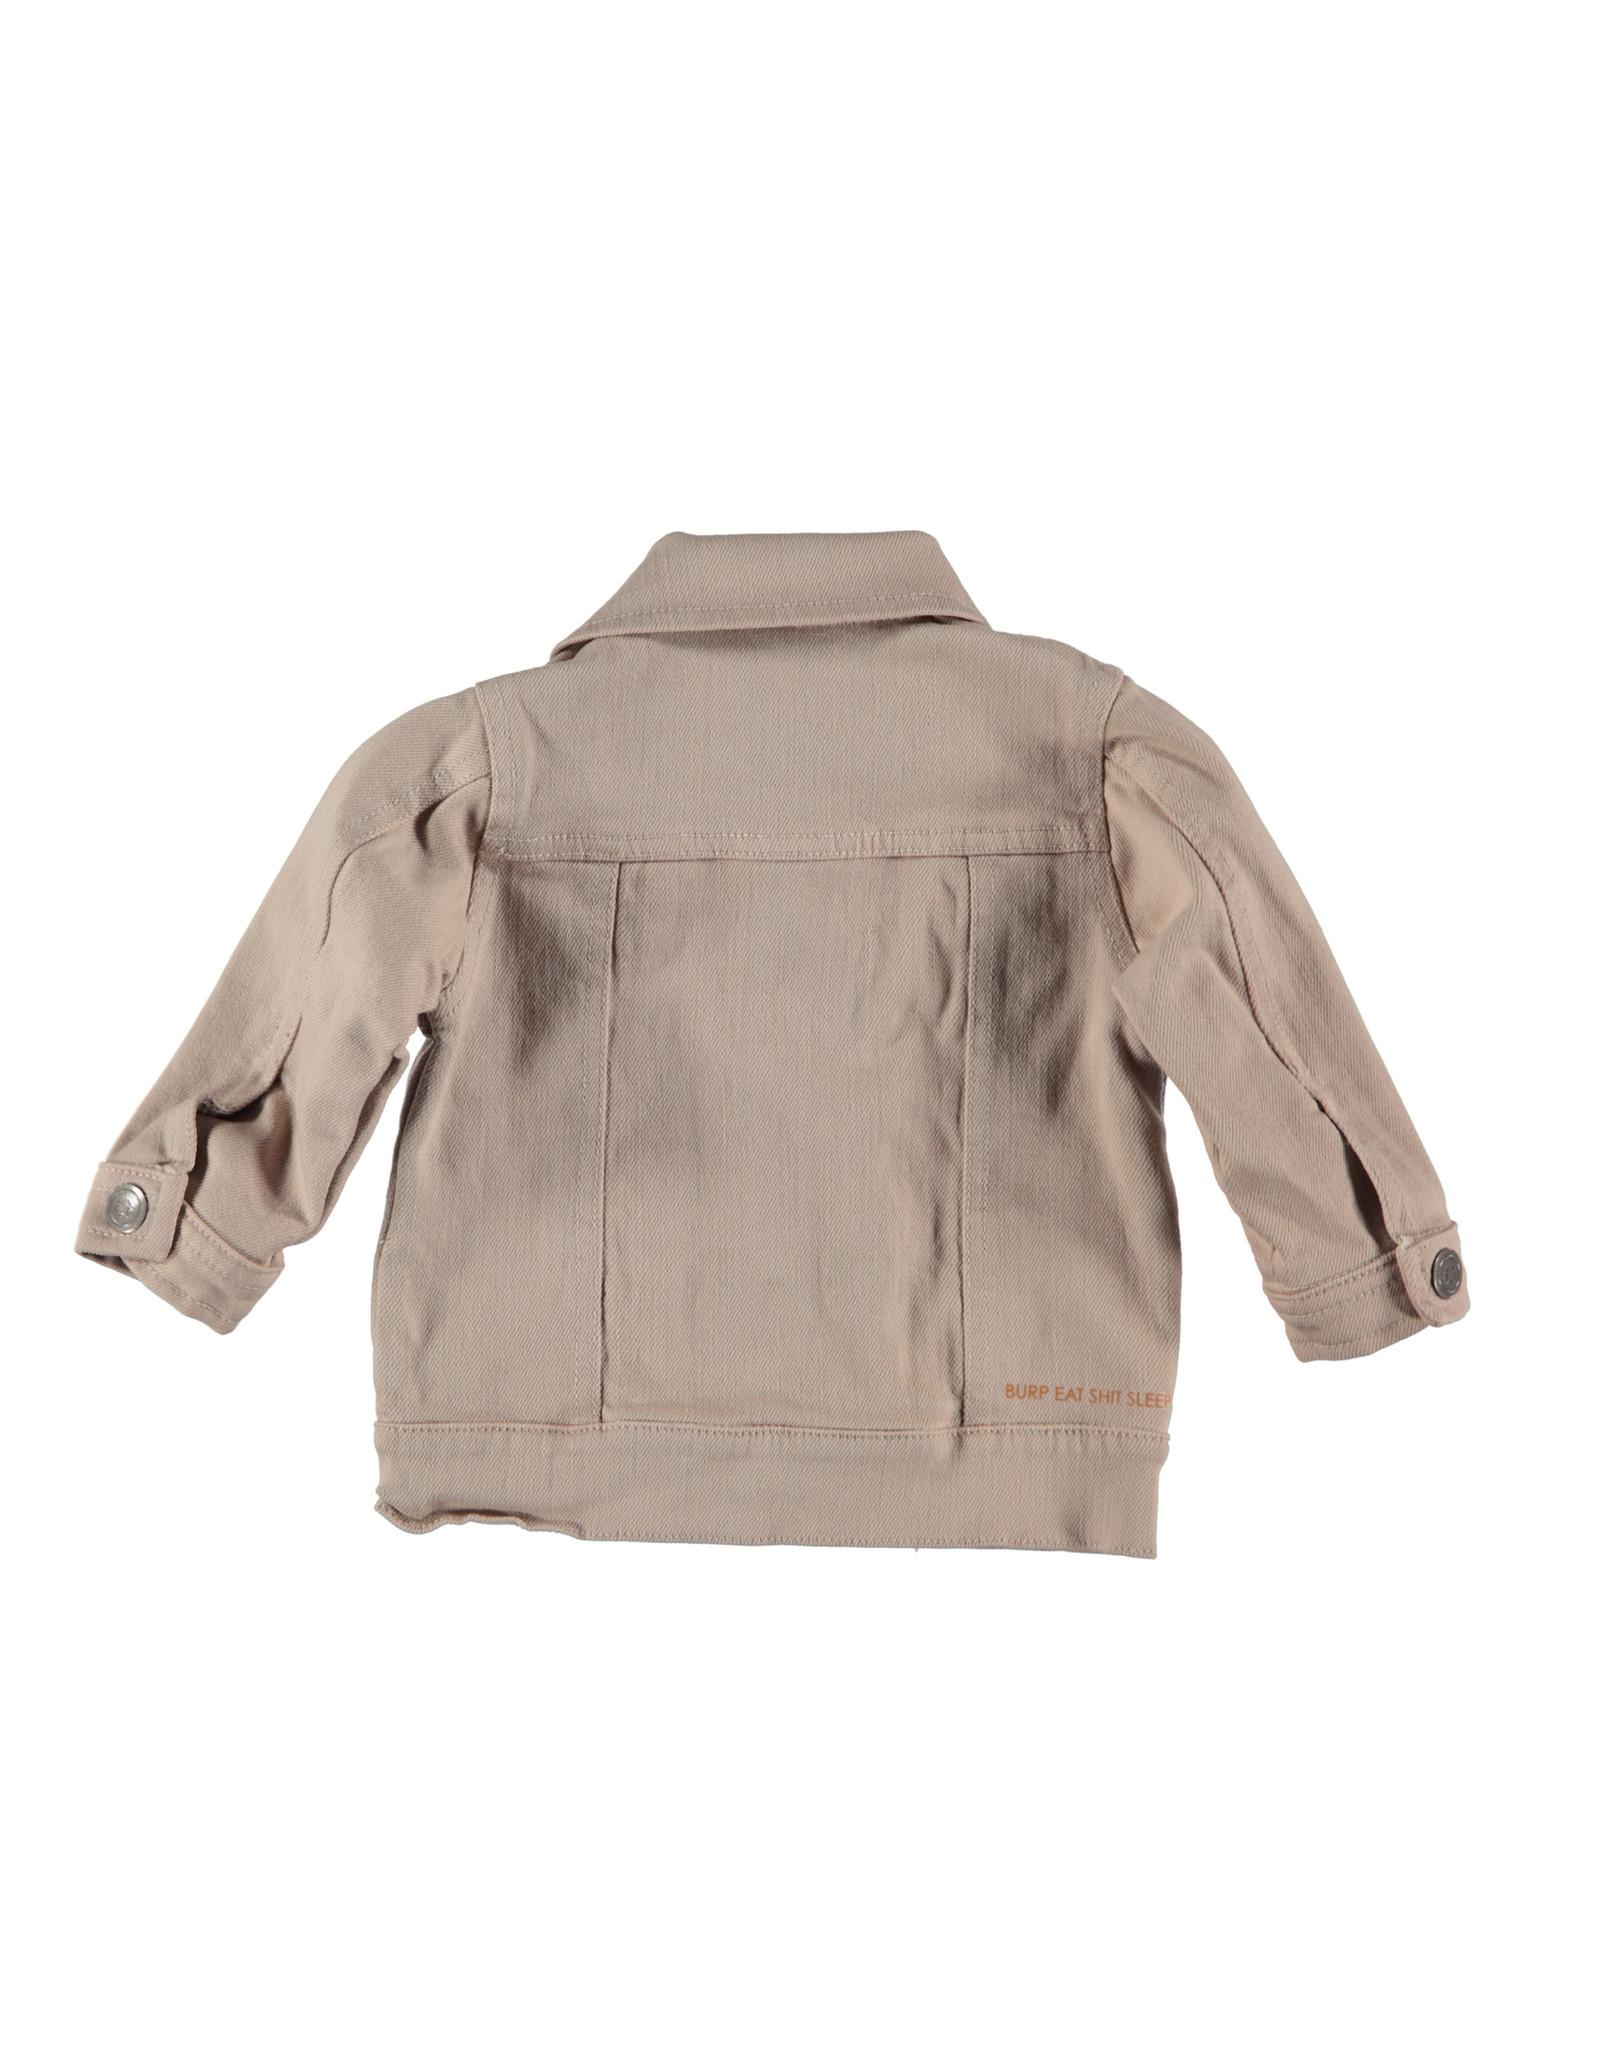 B.E.S.S. Jacket, Sand